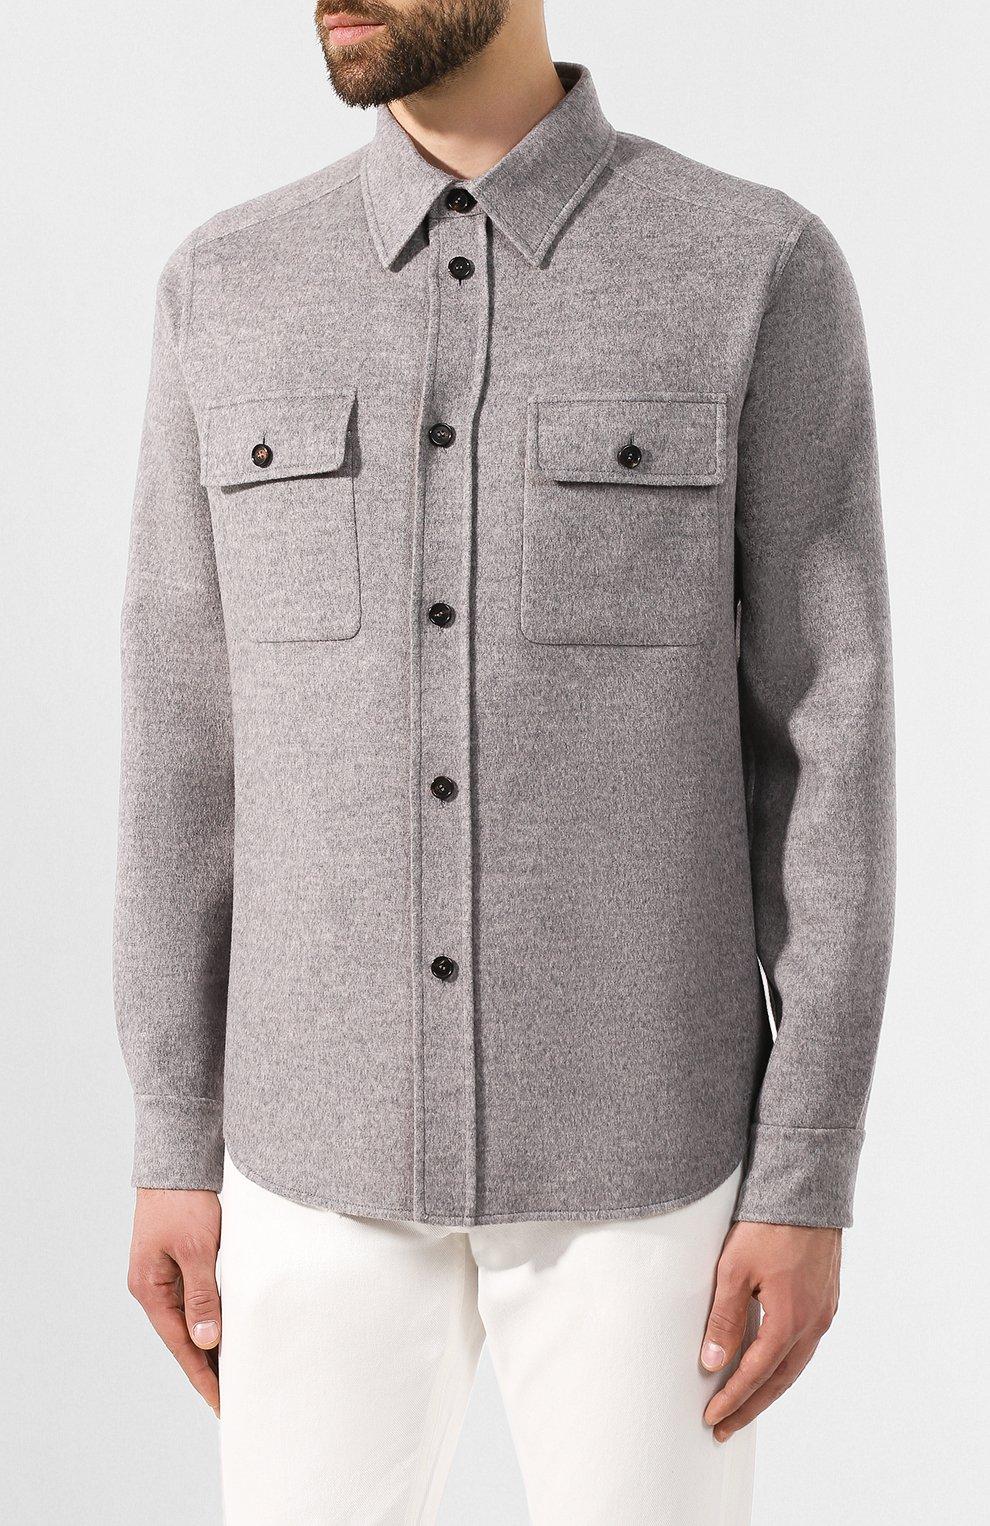 3eefd9c160668 Мужские куртки по цене от 3 890 руб. купить в интернет-магазине ЦУМ